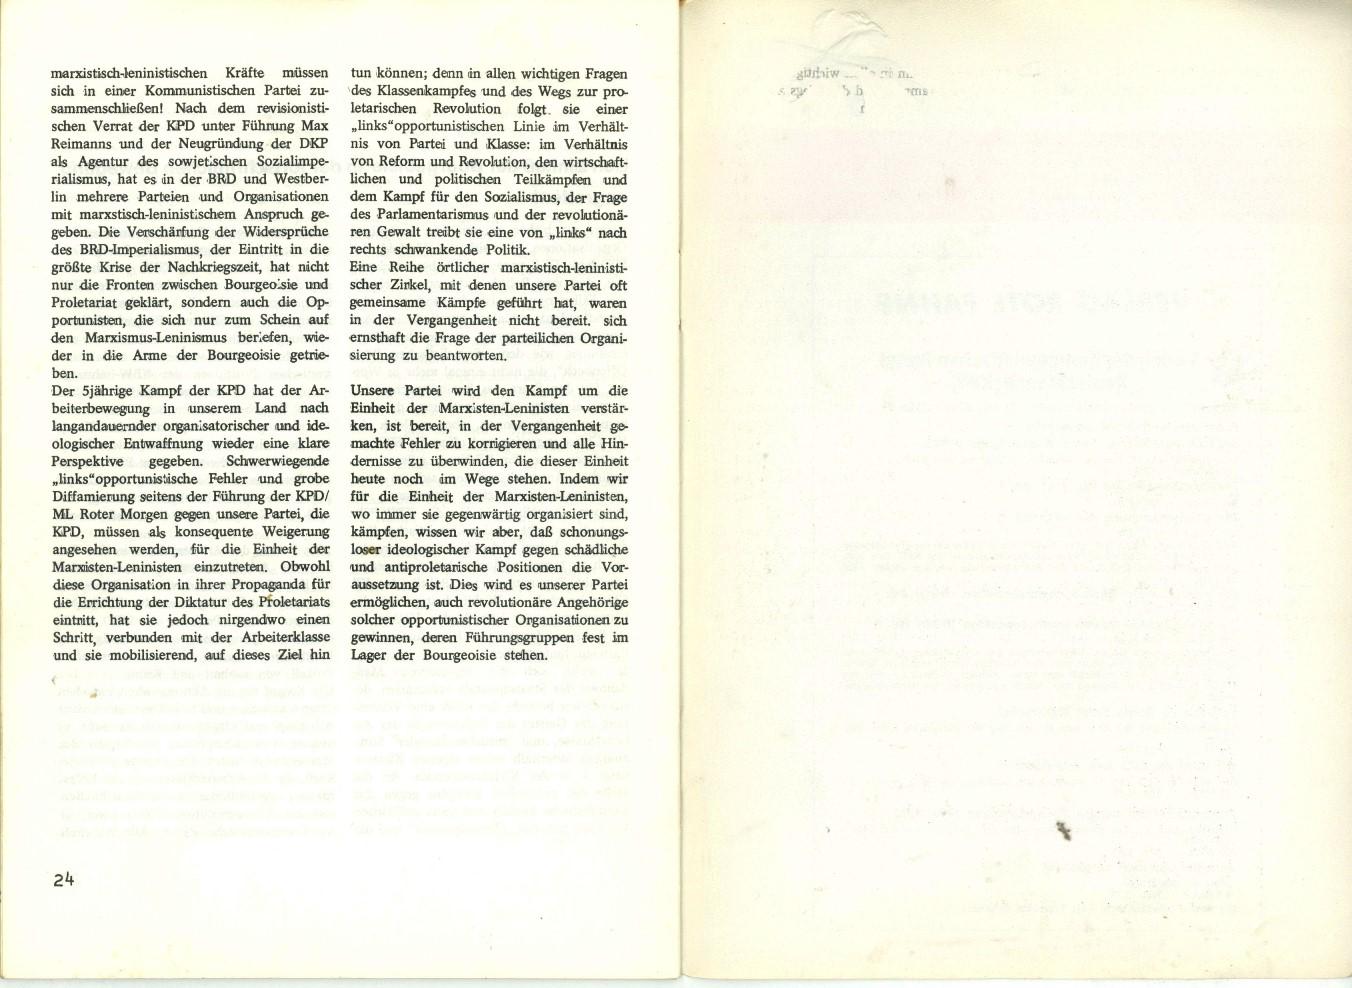 KPD_Entschliessungen_19750200_14